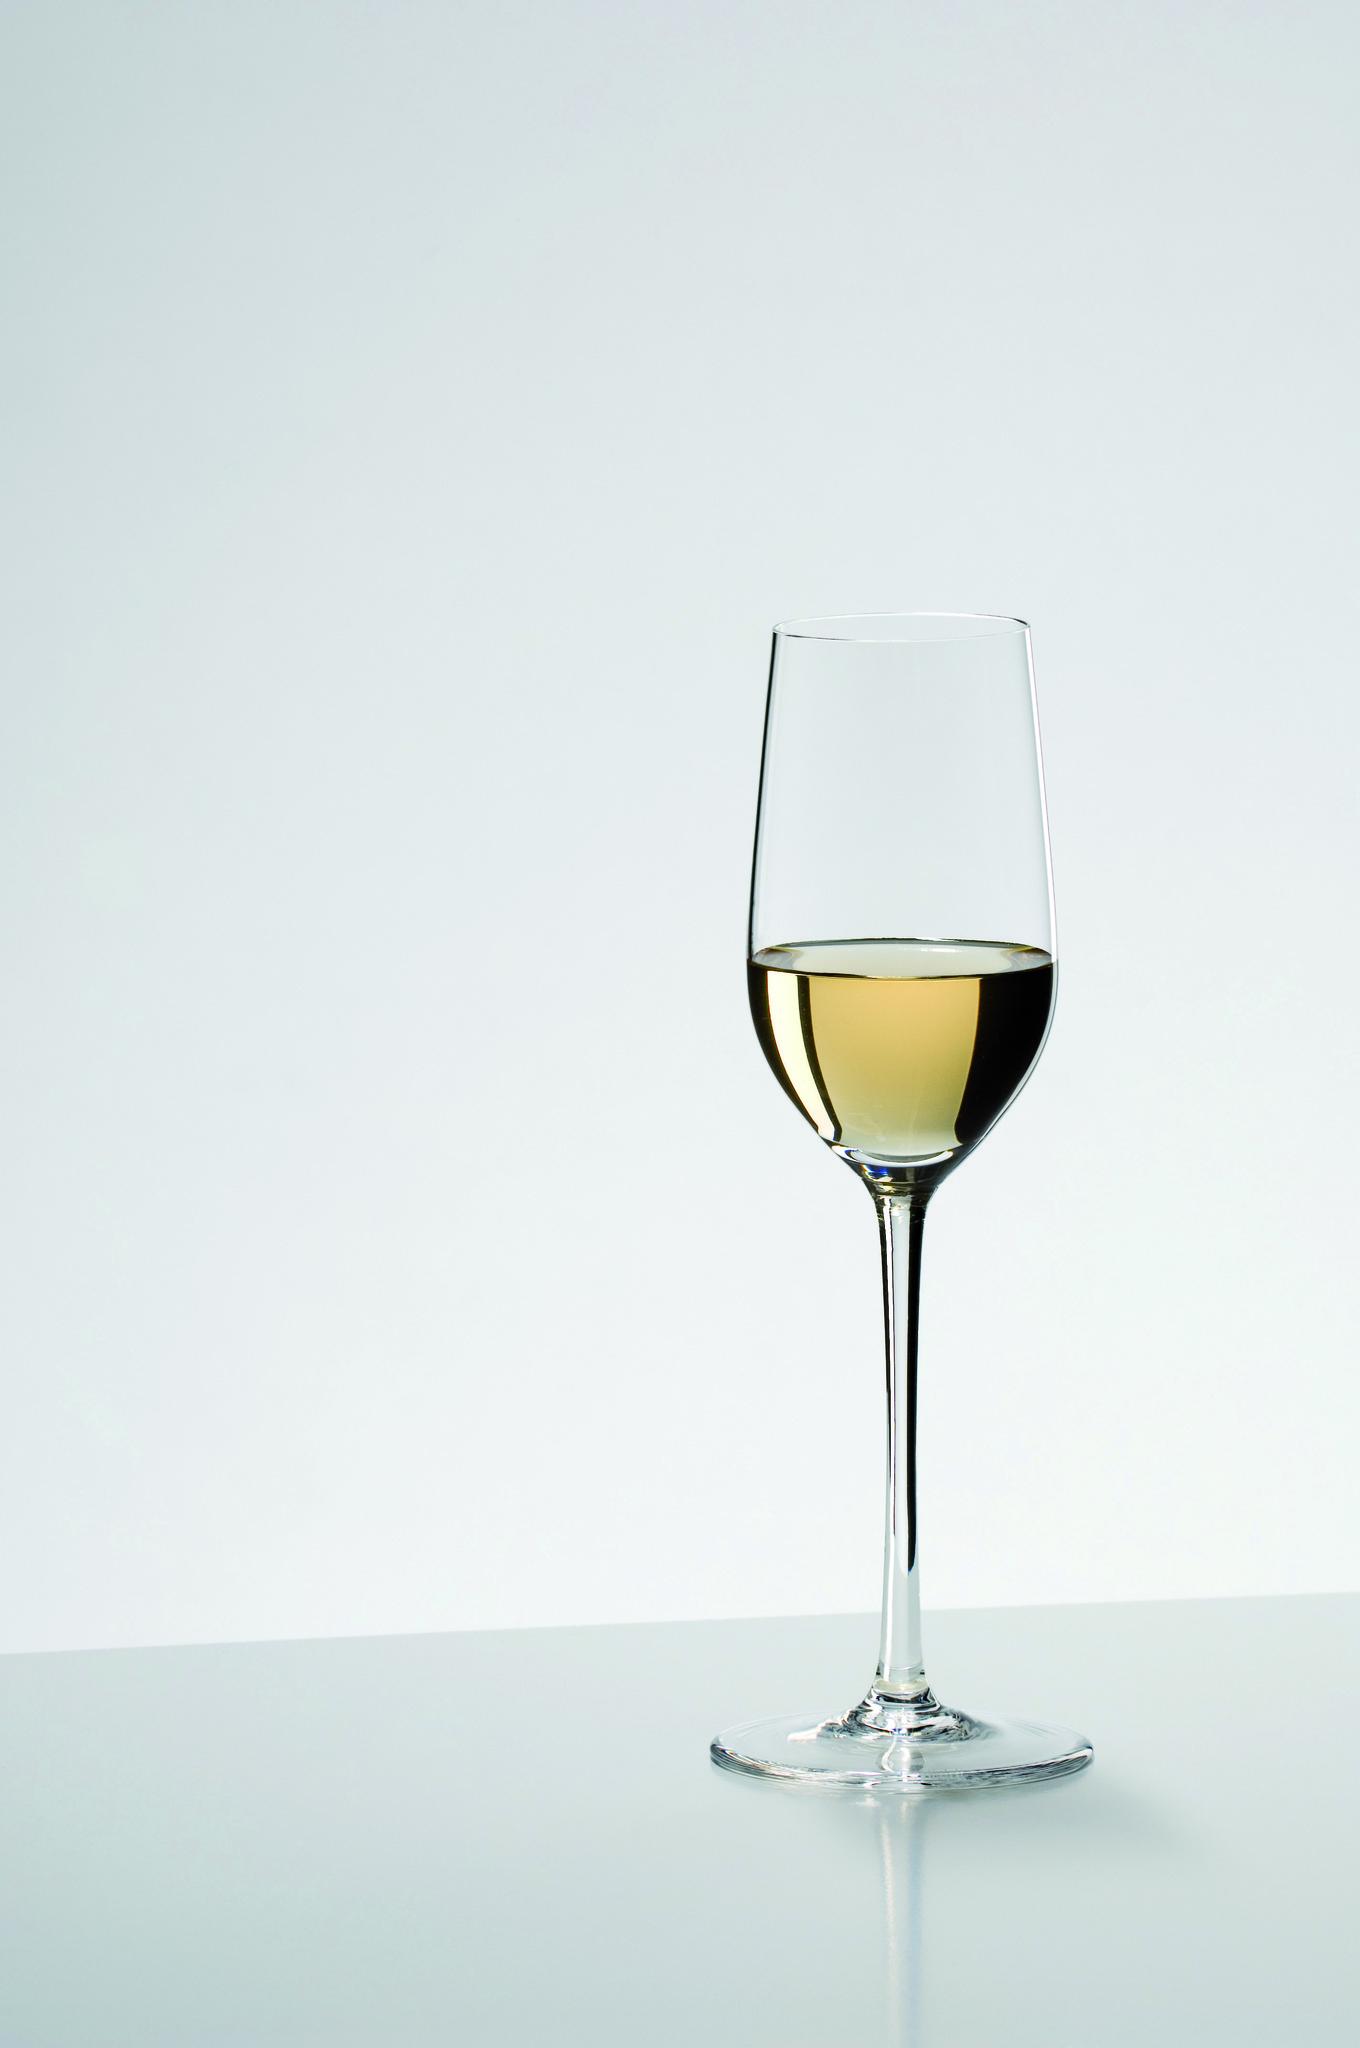 Бокалы Бокал 190мл Riedel Sommeliers Destillate Tequila/Sherry Хрустальное стекло bokal-190-ml-riedel-tequila-sherry-avstriya.jpg